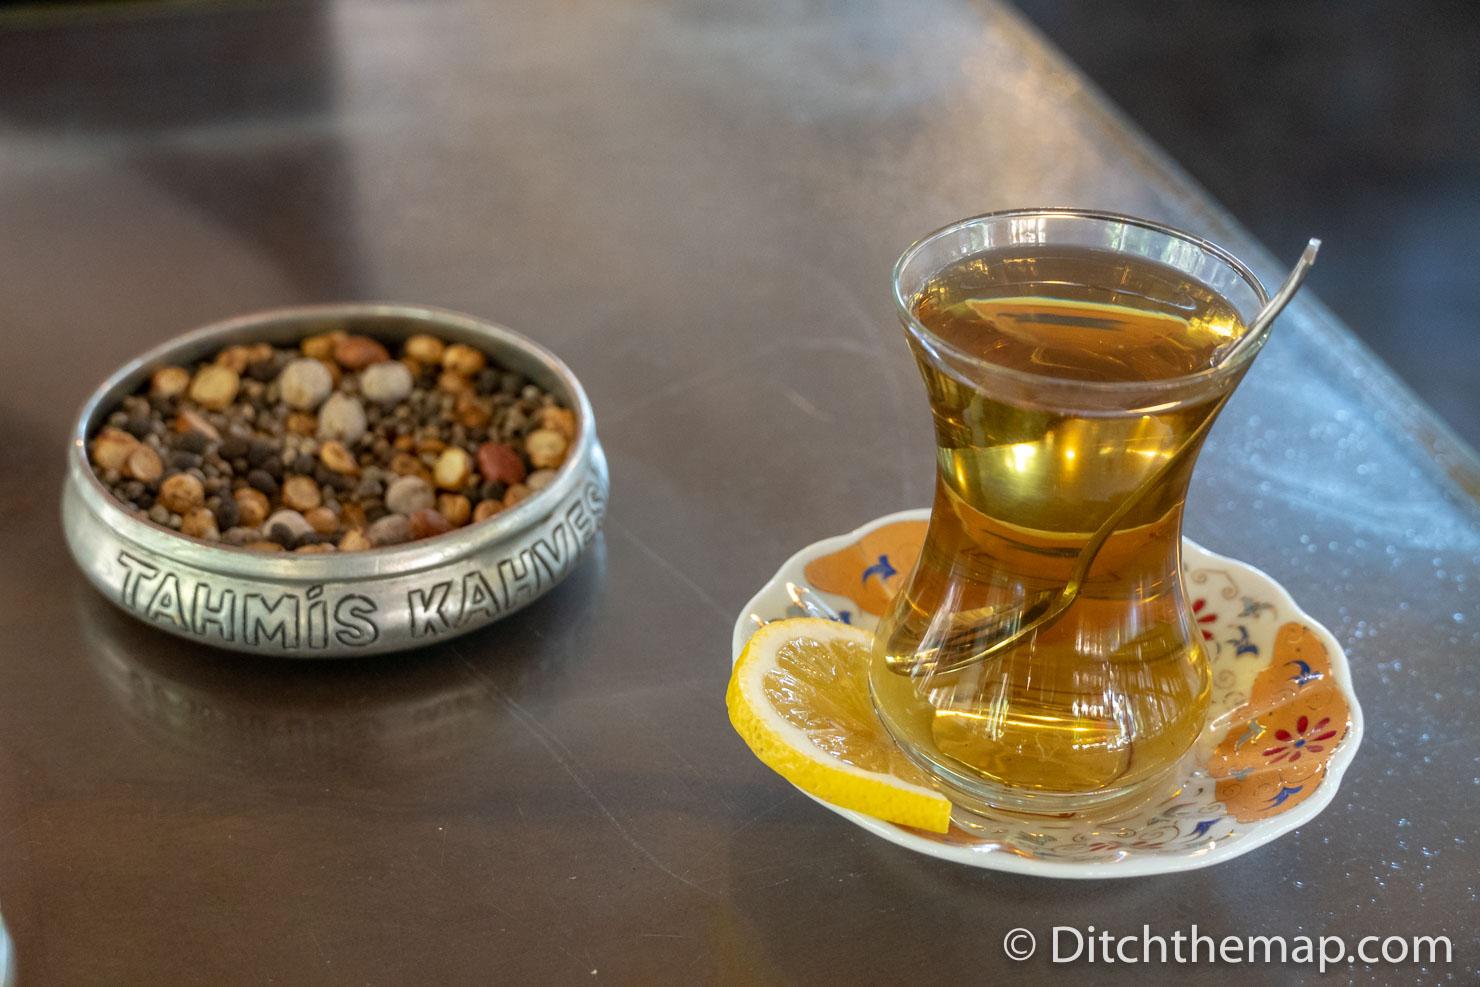 Drinking Kahter tea at Tahmis, Kahvesi